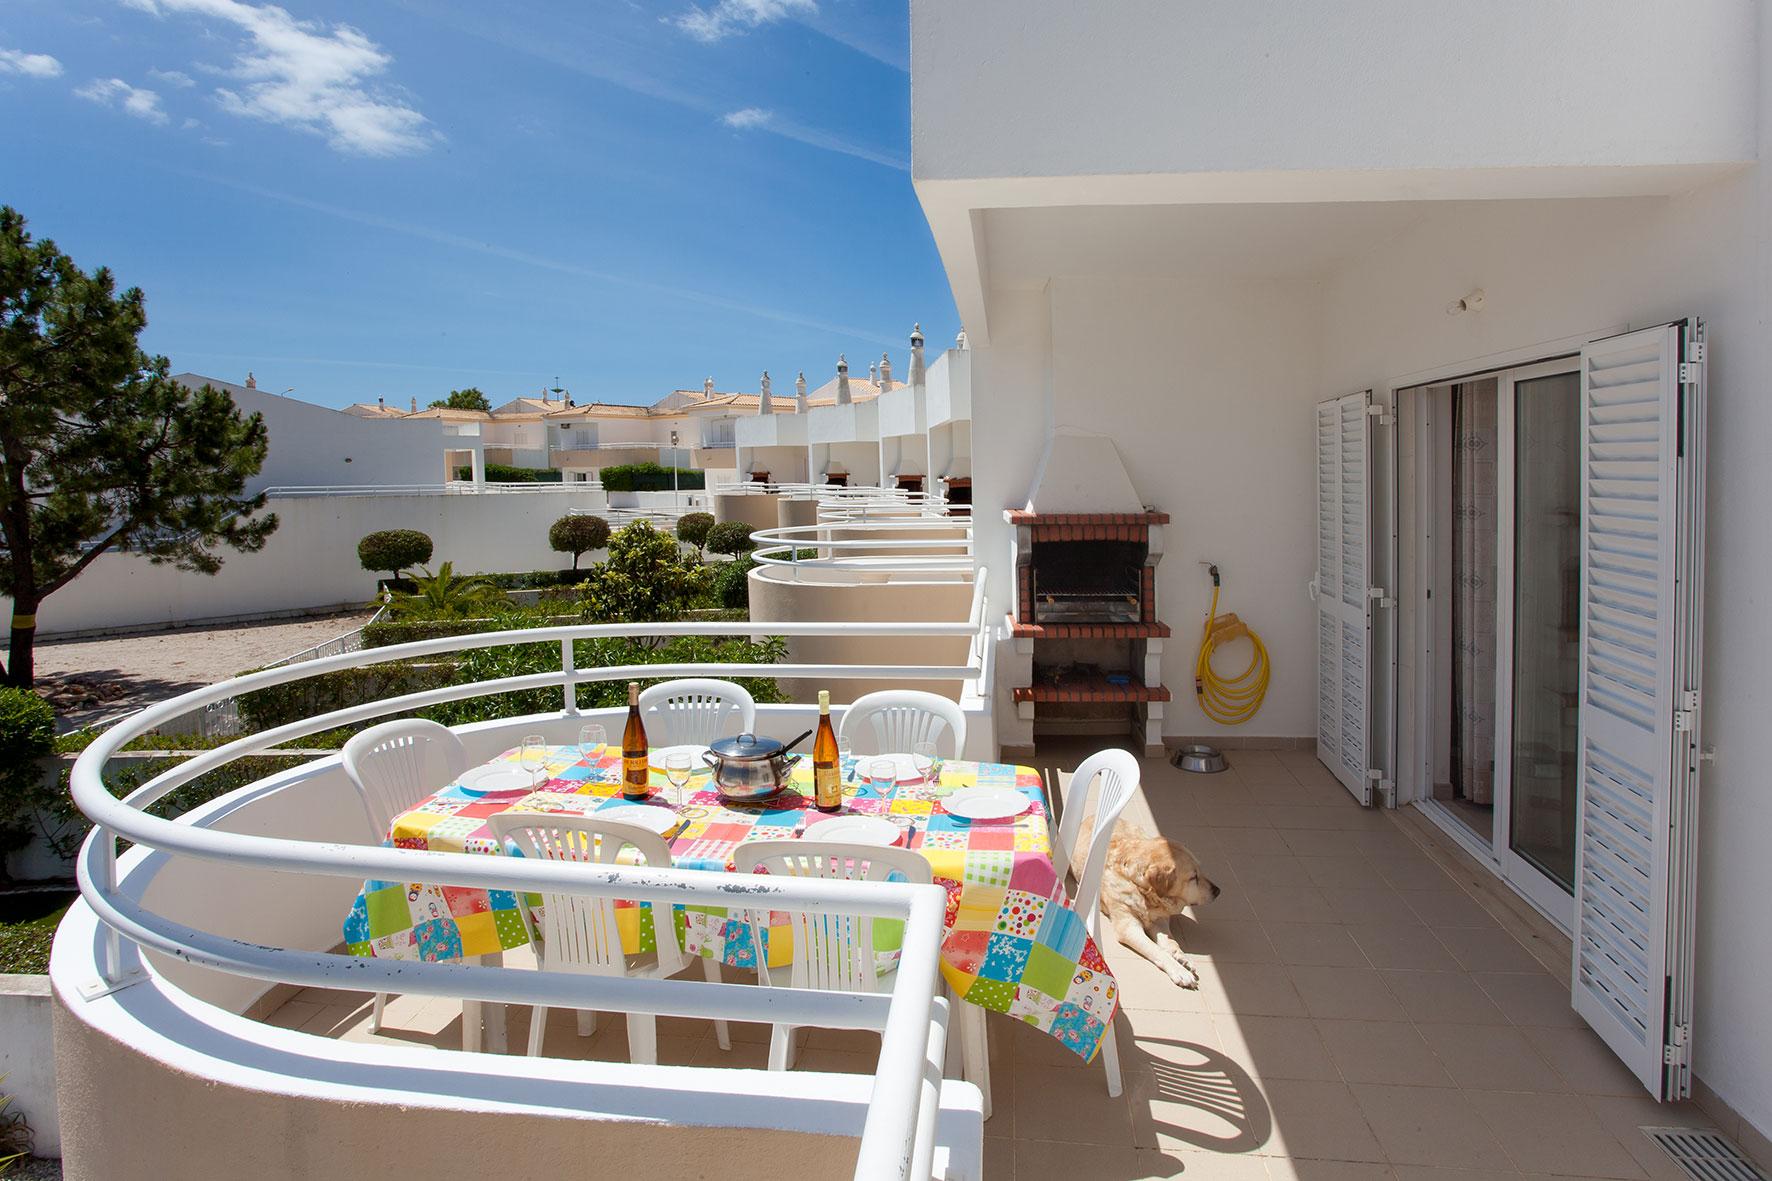 Holiday apartments and villas for rent, Apartamento T2 em Condomínio Com Piscina na Praia da Galé em Albufeira in Albufeira, Portugal Algarve, REF_IMG_6121_12076